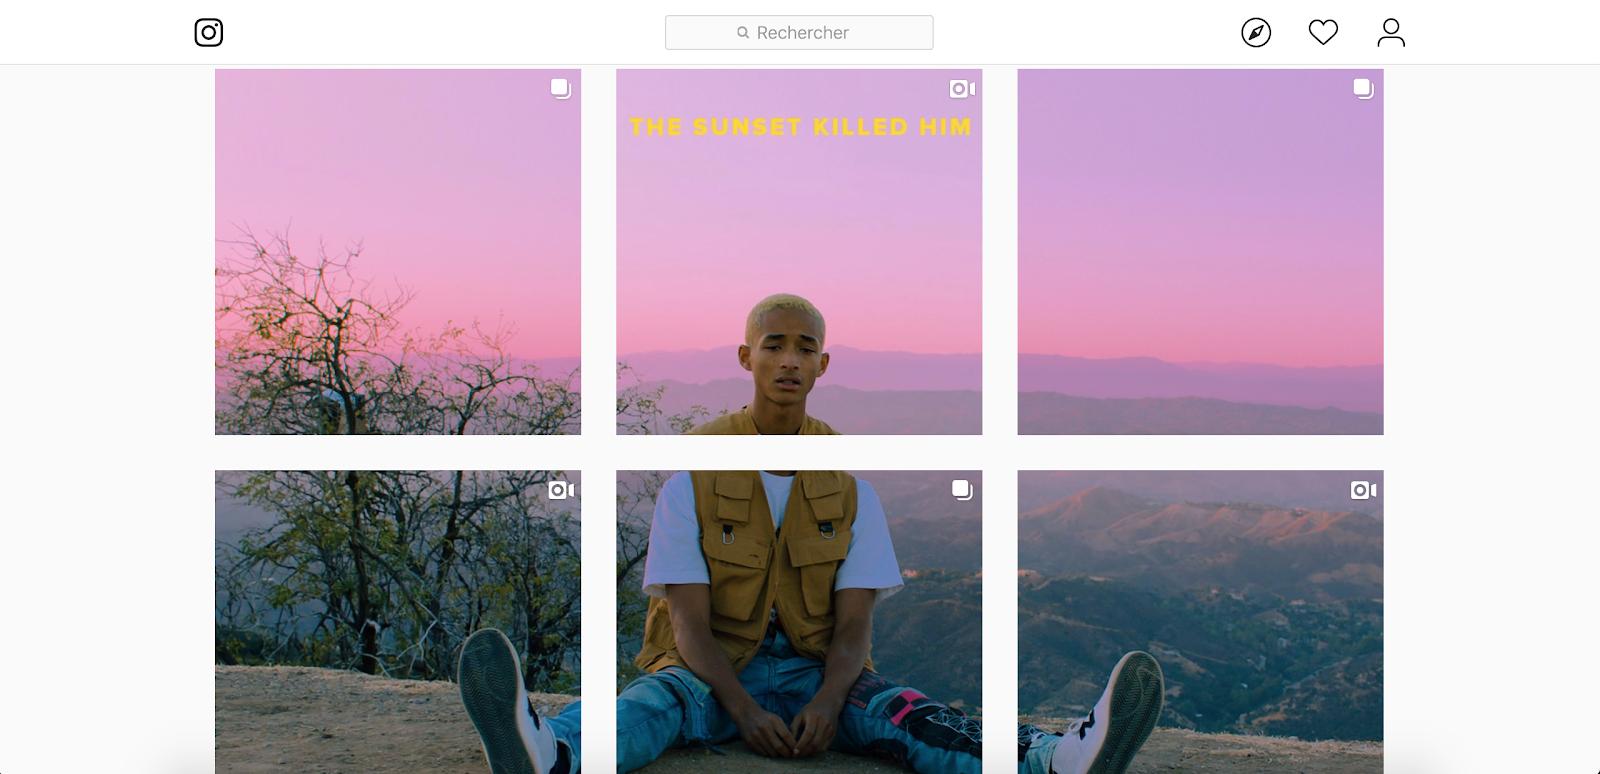 Jaden Smith's Instagram account